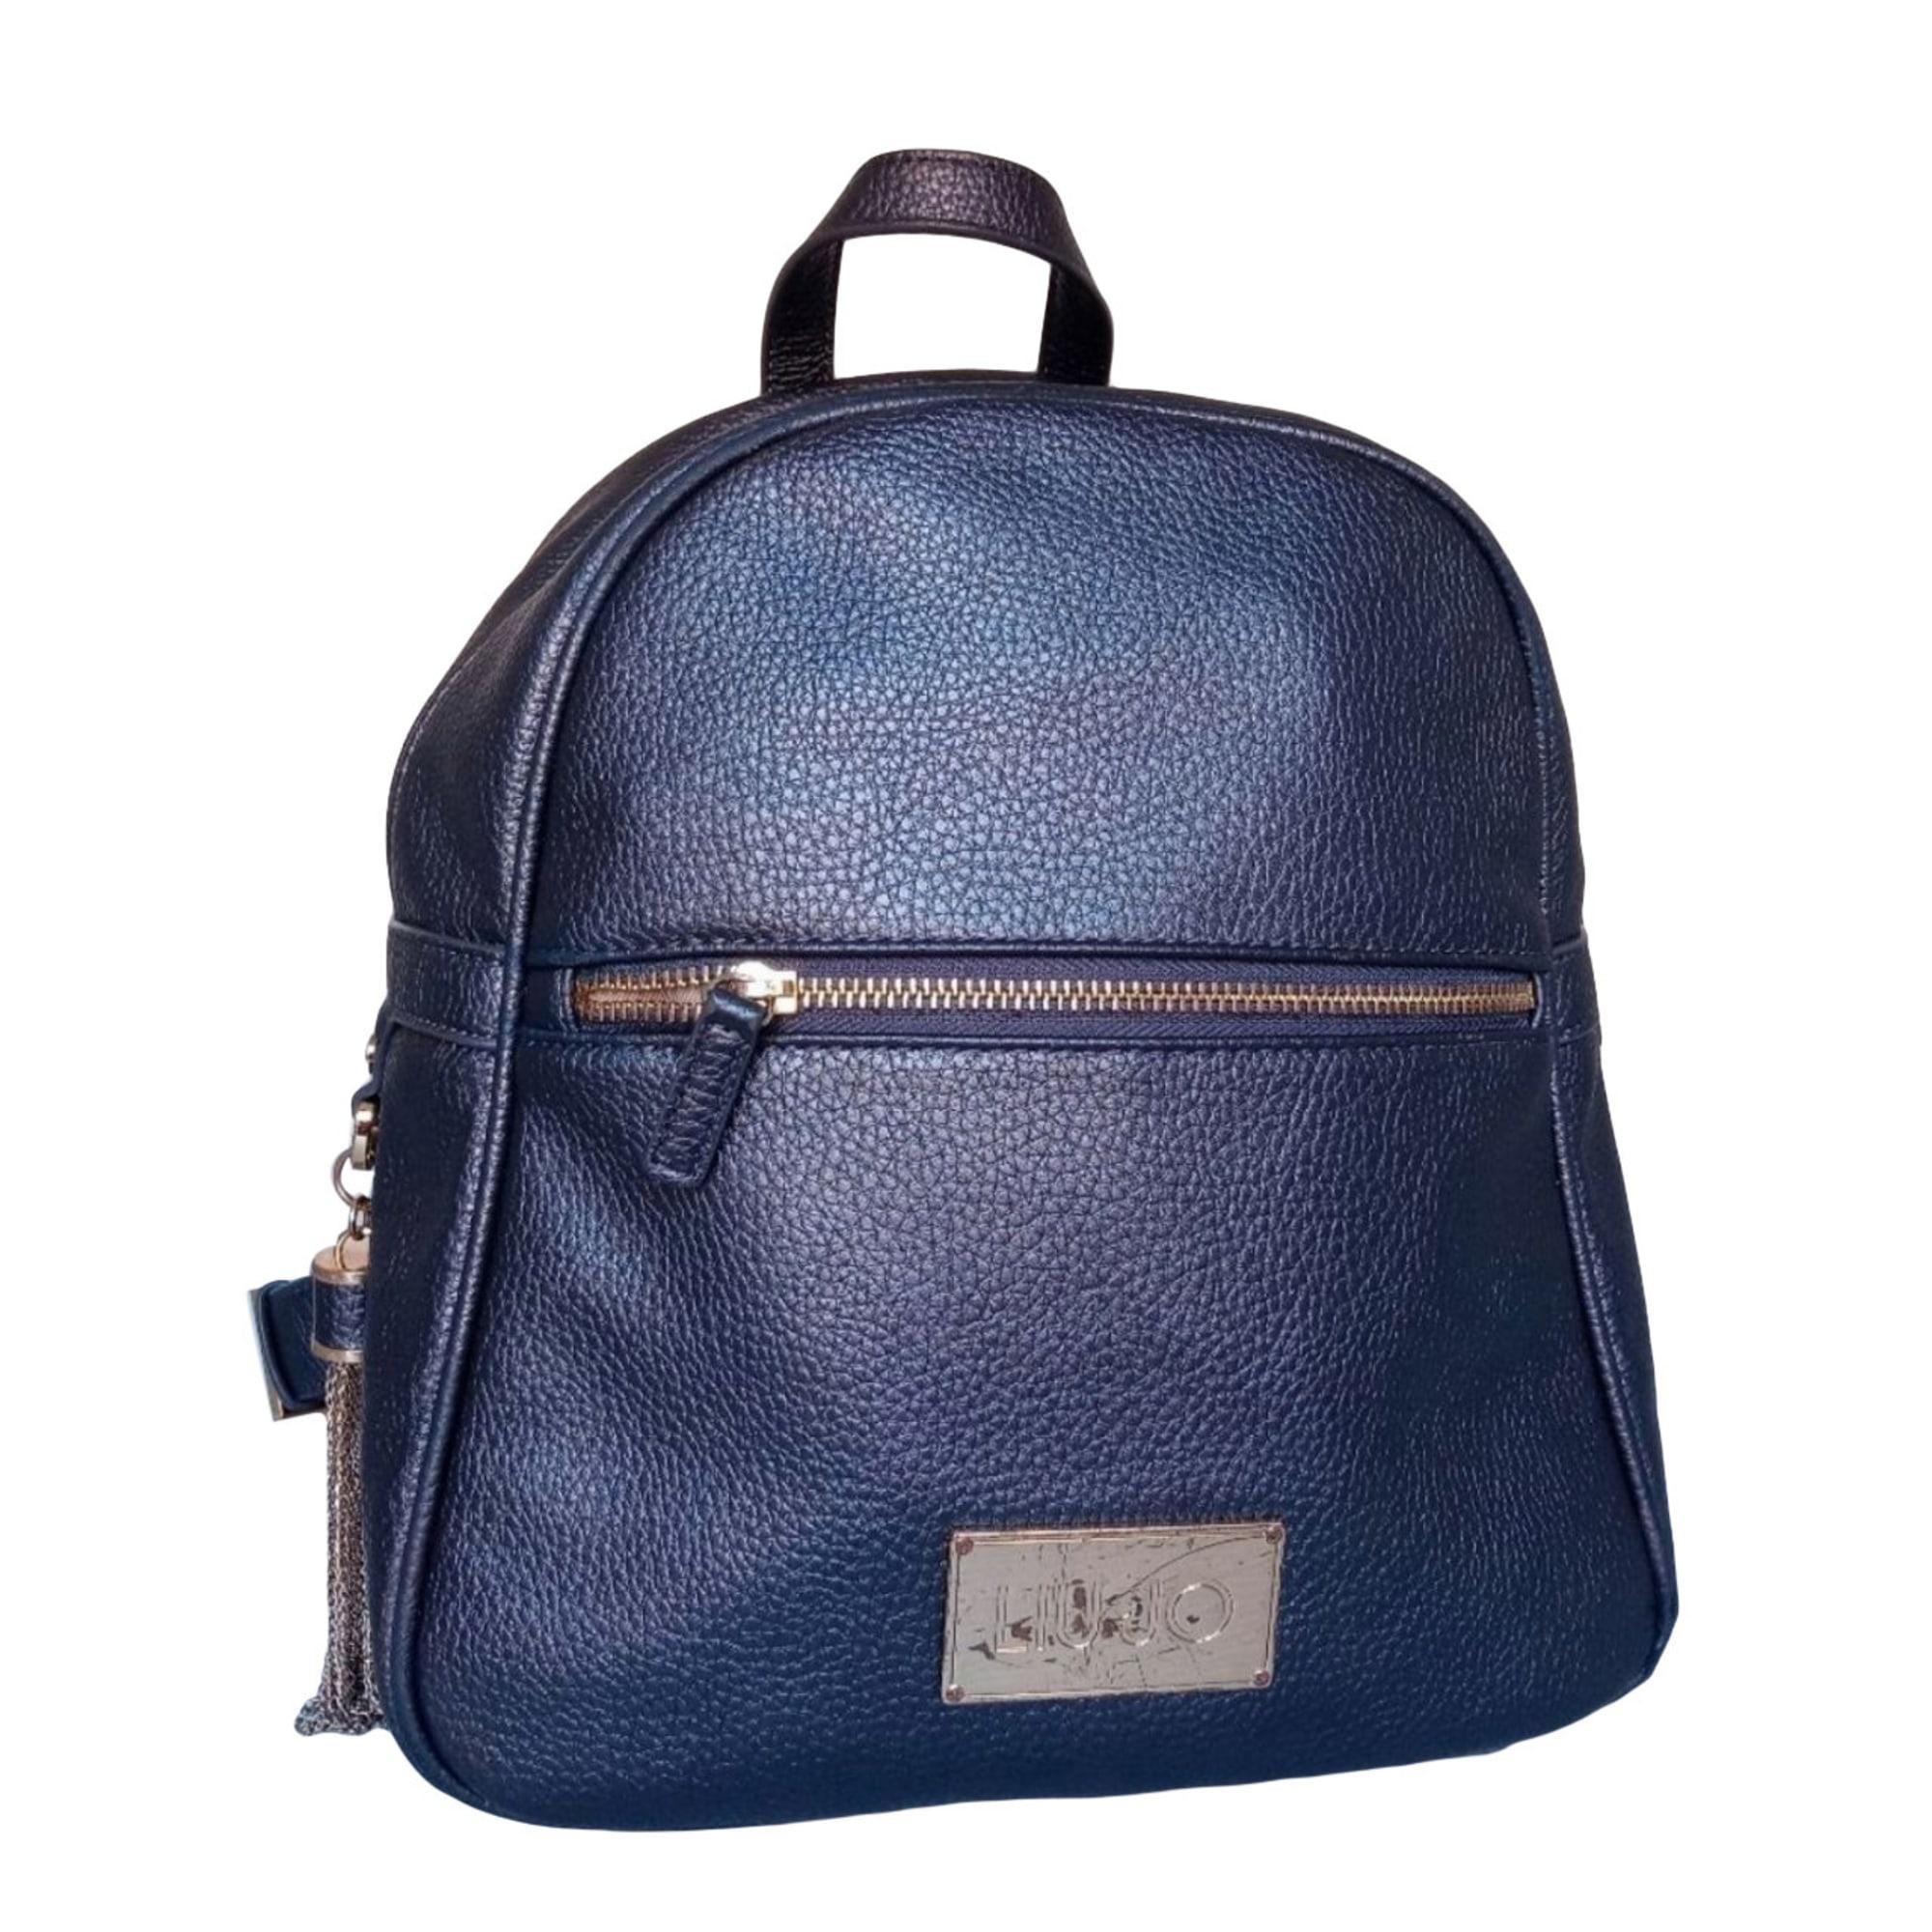 Backpack LIU JO Black